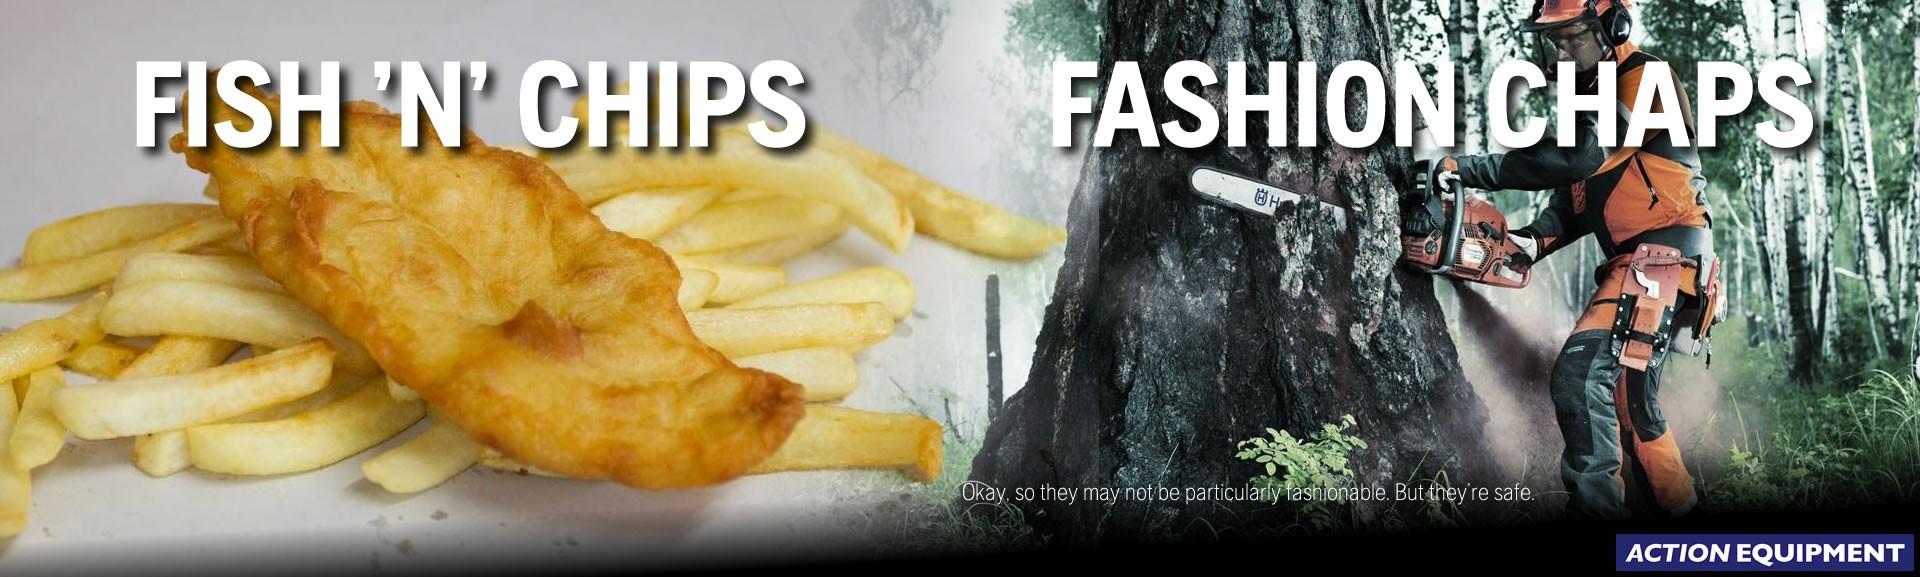 Fashion Chaps